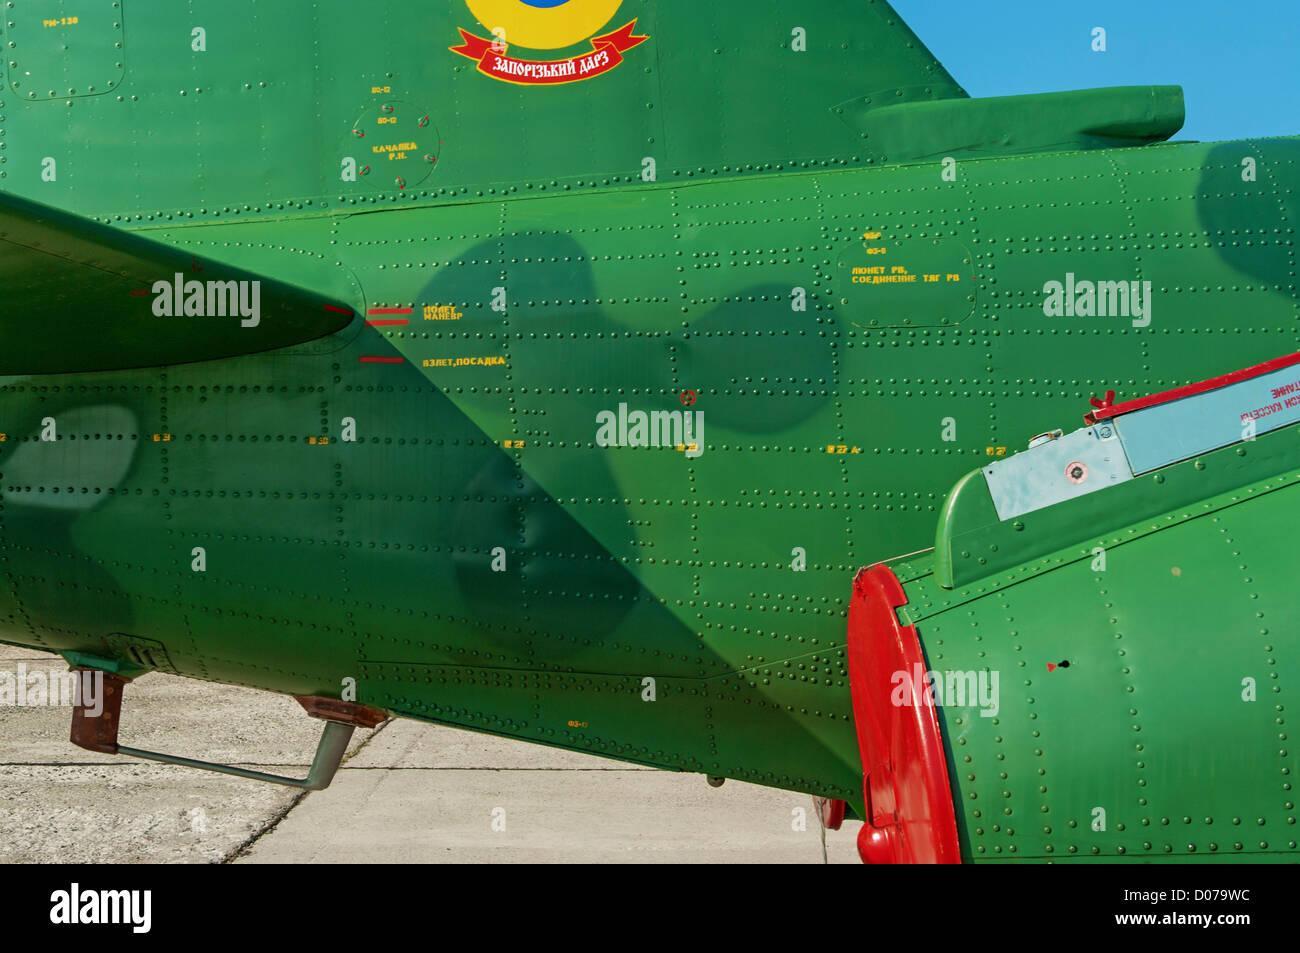 Sukhoi Su 25 Stockfotos & Sukhoi Su 25 Bilder - Alamy